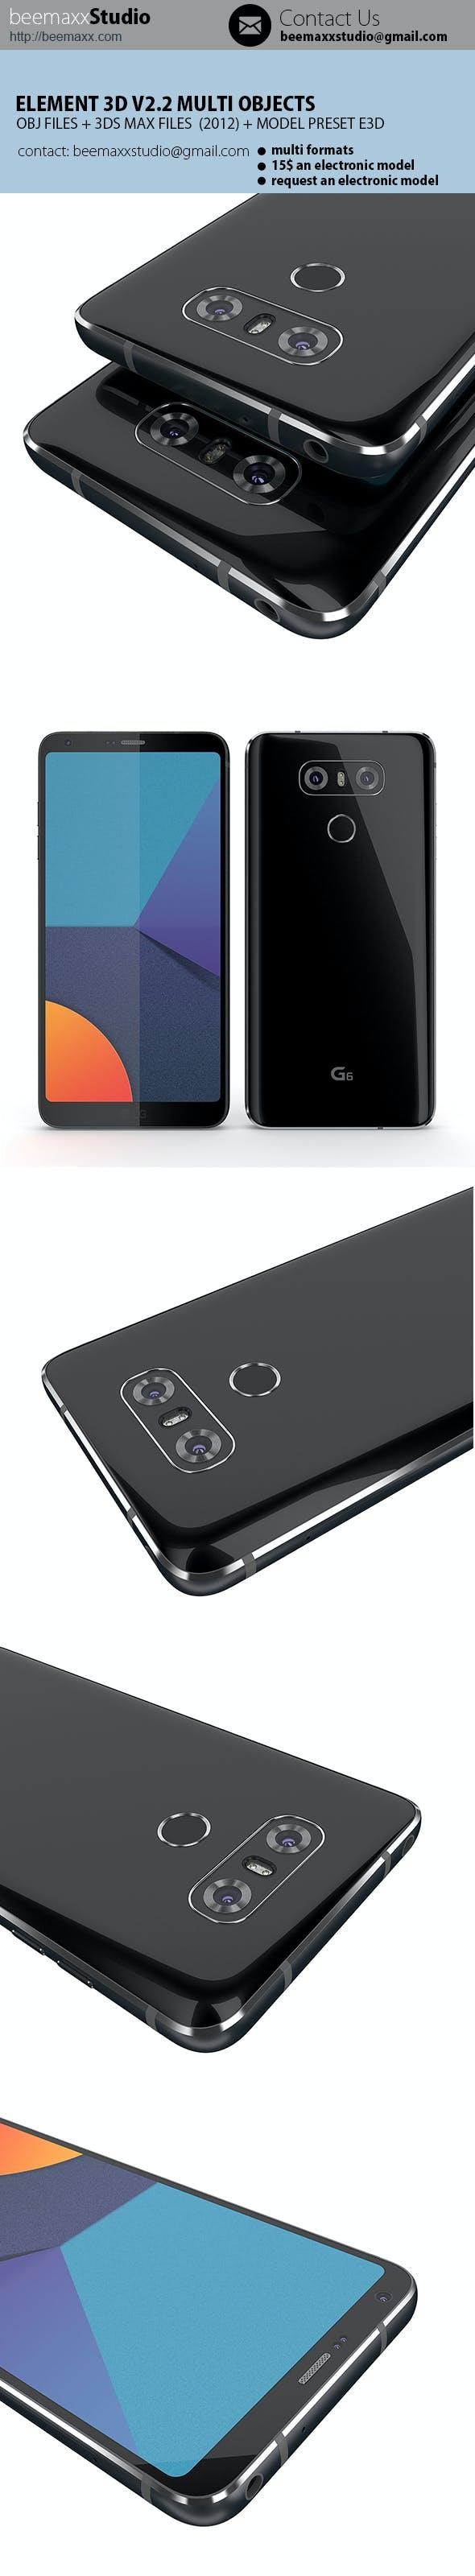 E3D V2.2 - LG G6 - 3DOcean Item for Sale